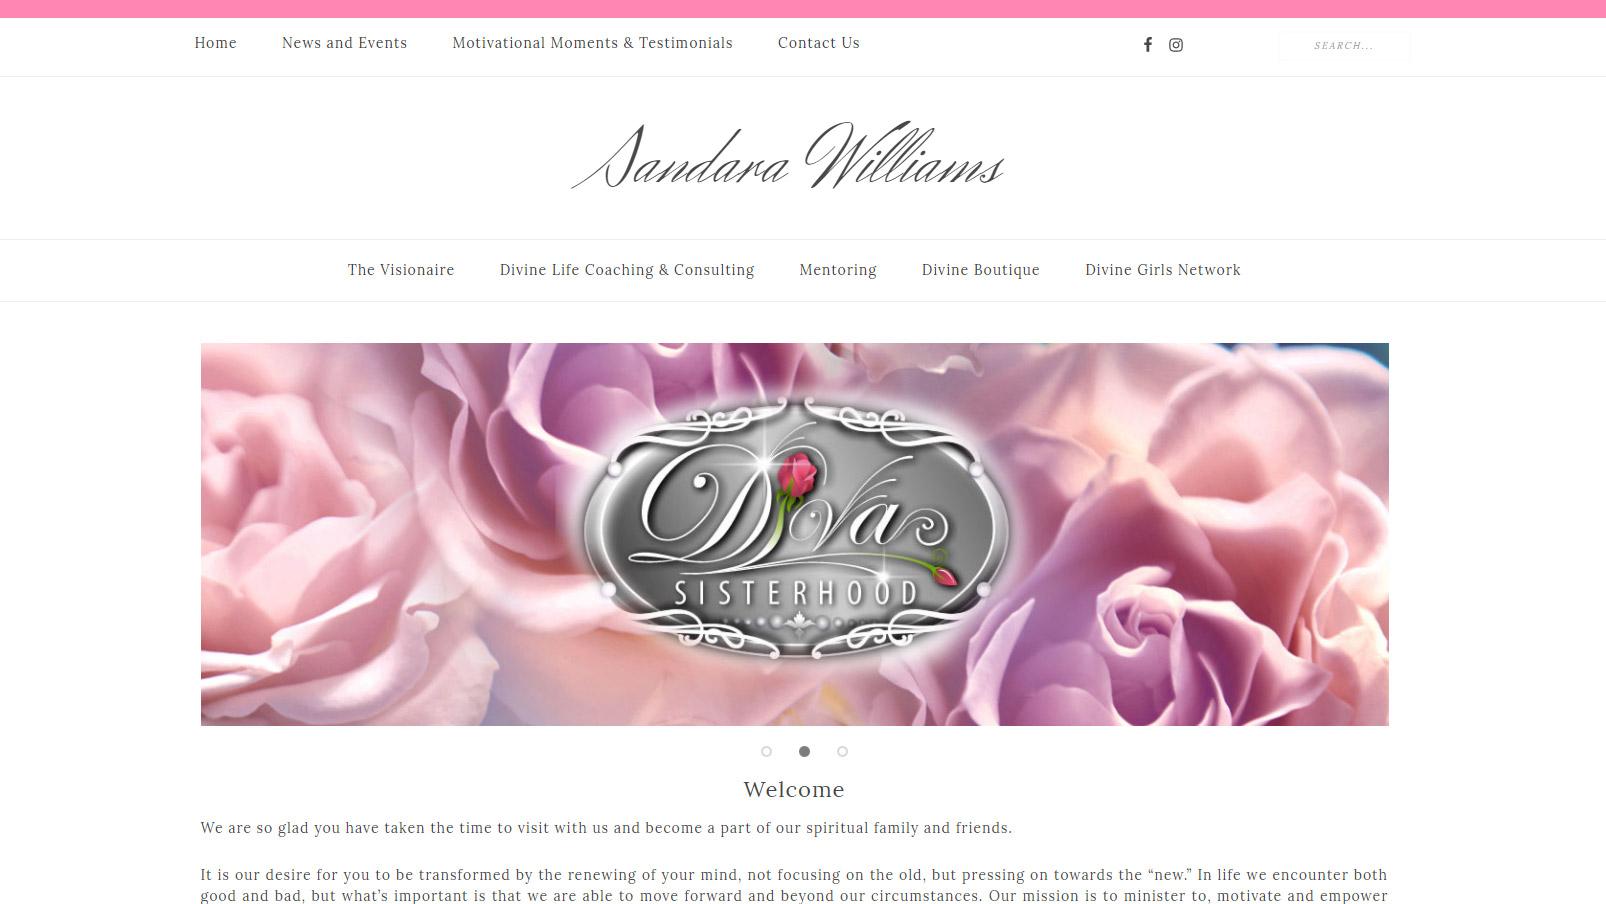 Sandara Williams Website Design